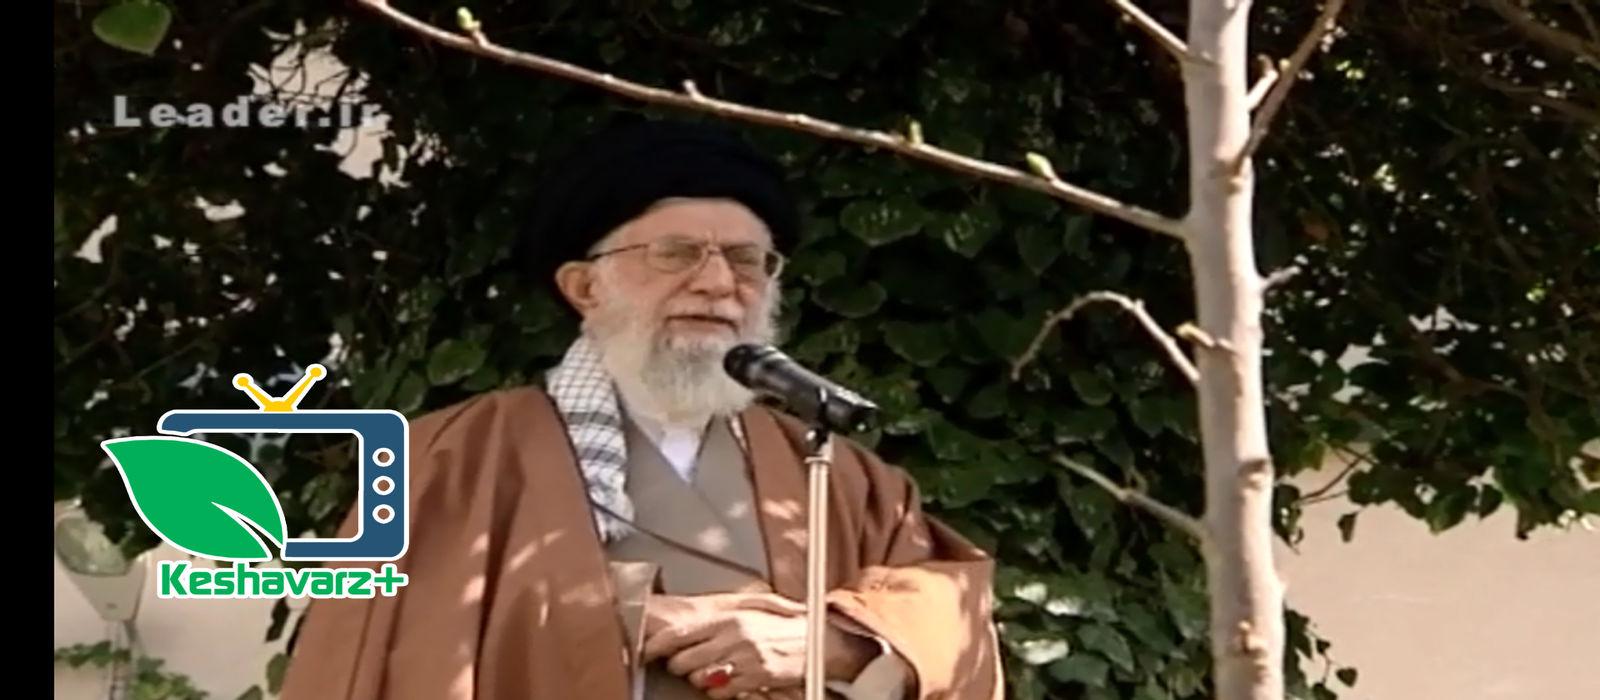 رهبر معظم انقلاب اسلامی دو اصله نهال میوه غرس کردند؛  حفظ پوشش گیاهی باید جایگاه واقعی خود را در فرهنگ عمومی پیدا کند